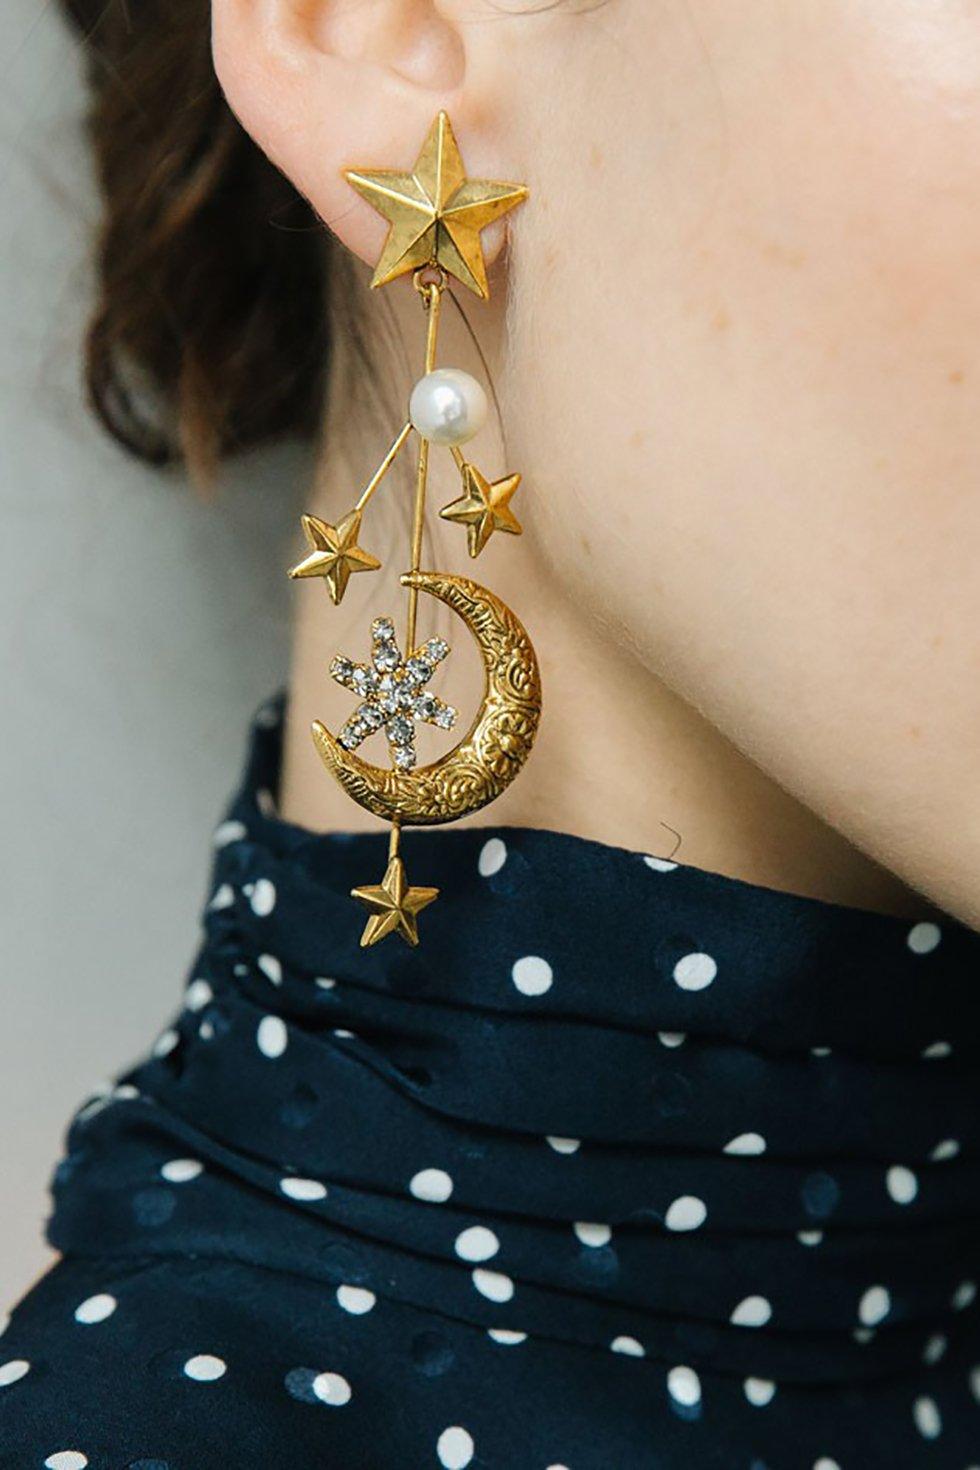 pearljewelry12